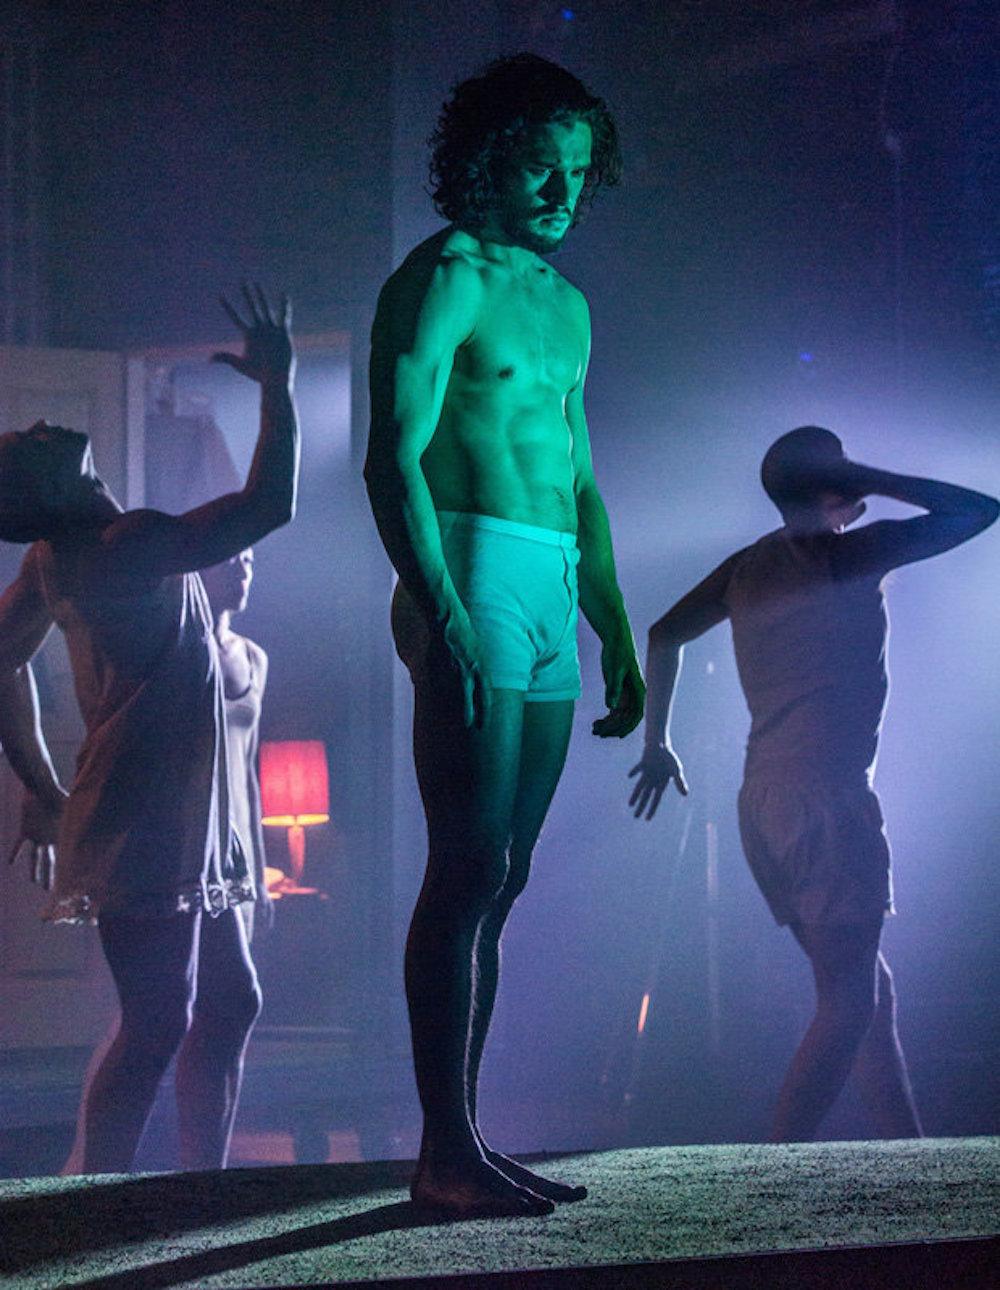 Výsledek obrázku pro kit harington underwear